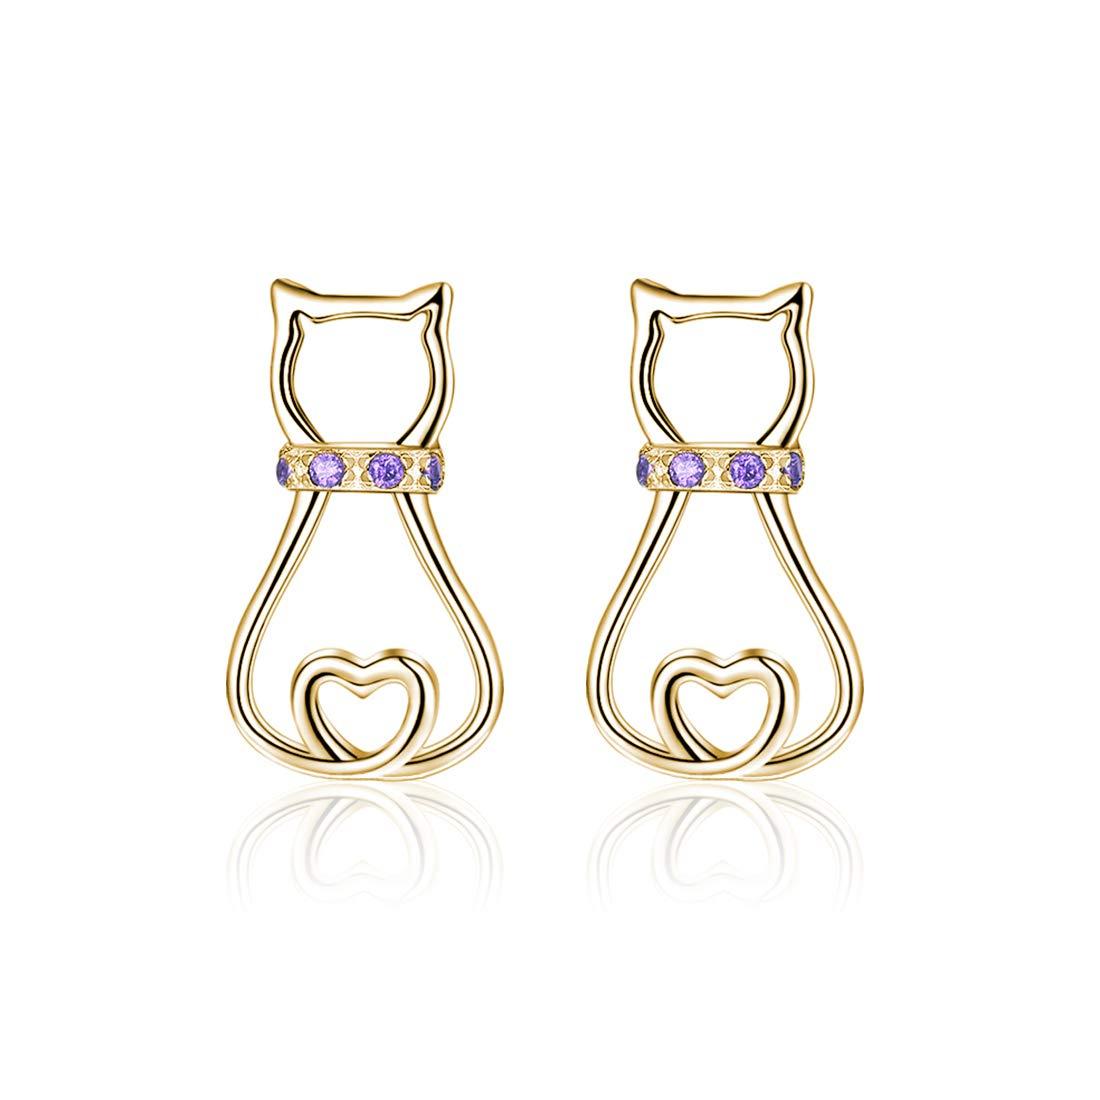 Cat Stud Earrings Jewelry 925 Sterling Silver Cute Mini Pet Cat Stud Earrings for Women Girls (Gold)